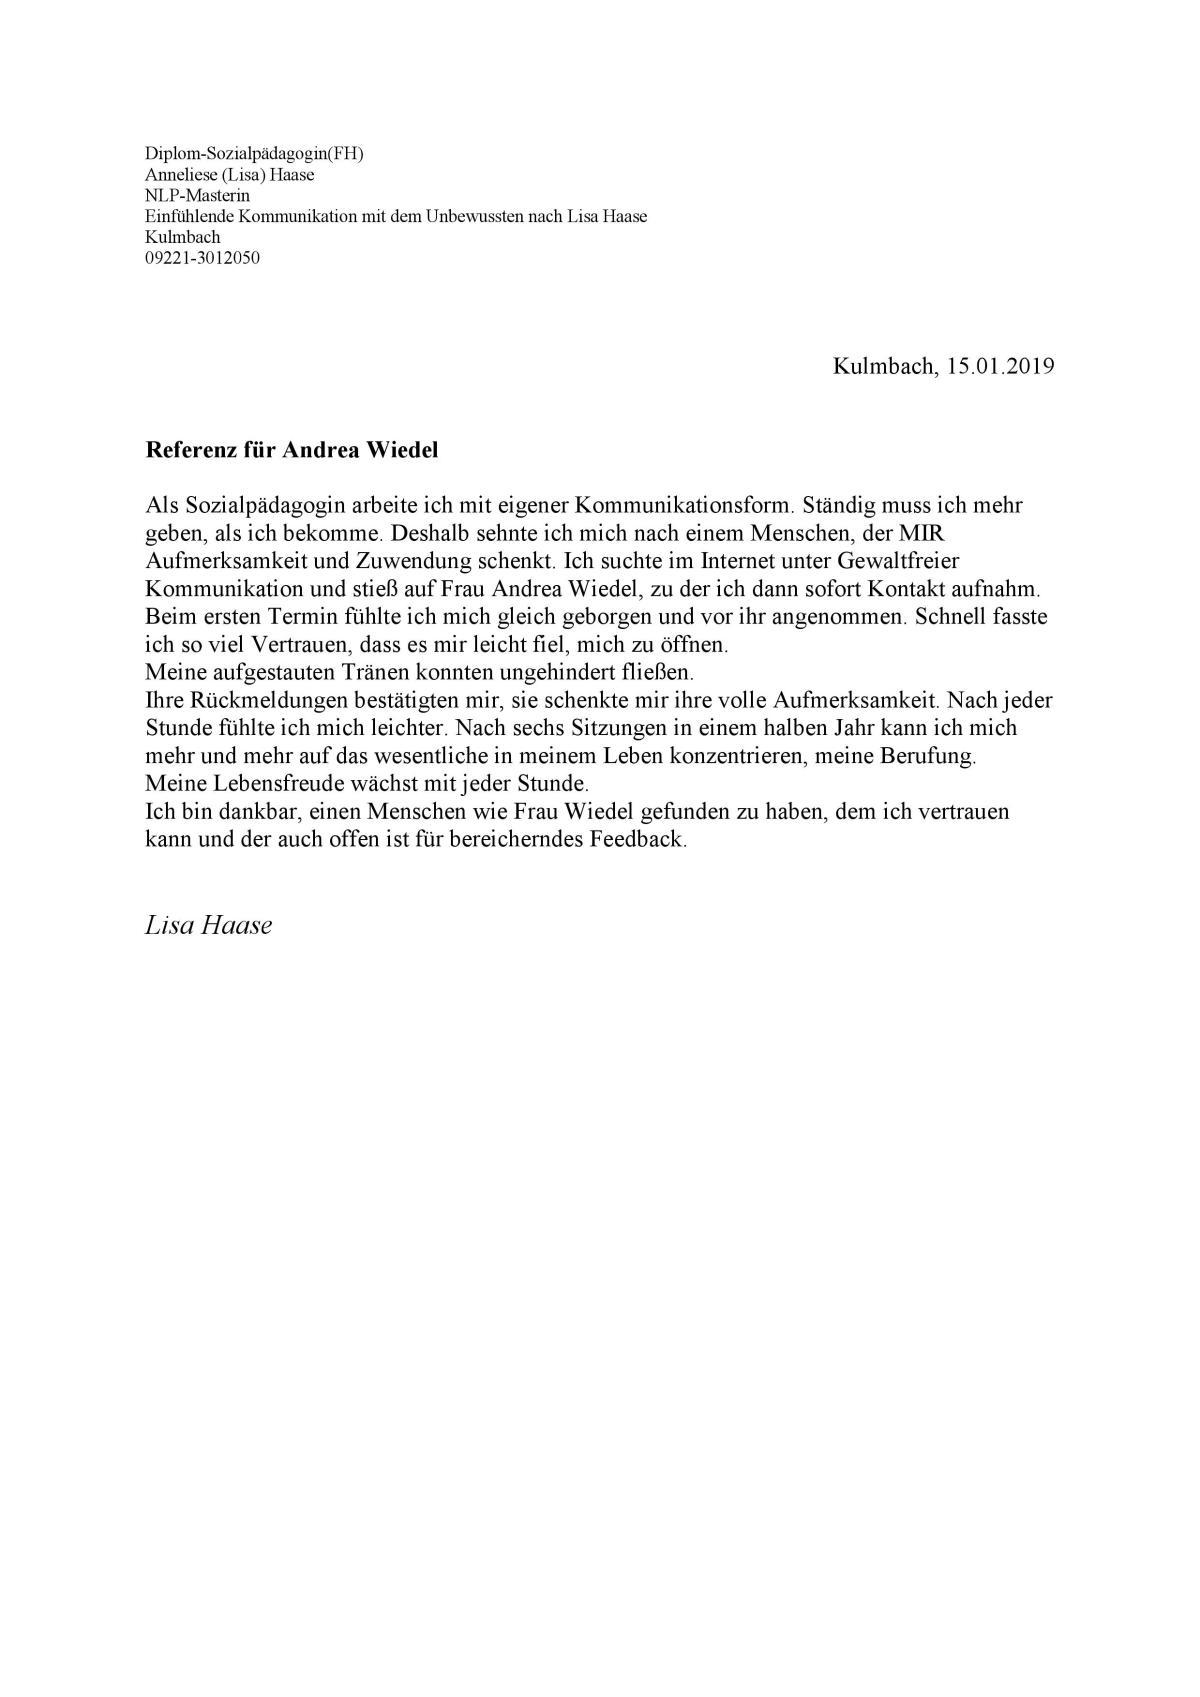 Referenz für Coaching Andrea Wiedel